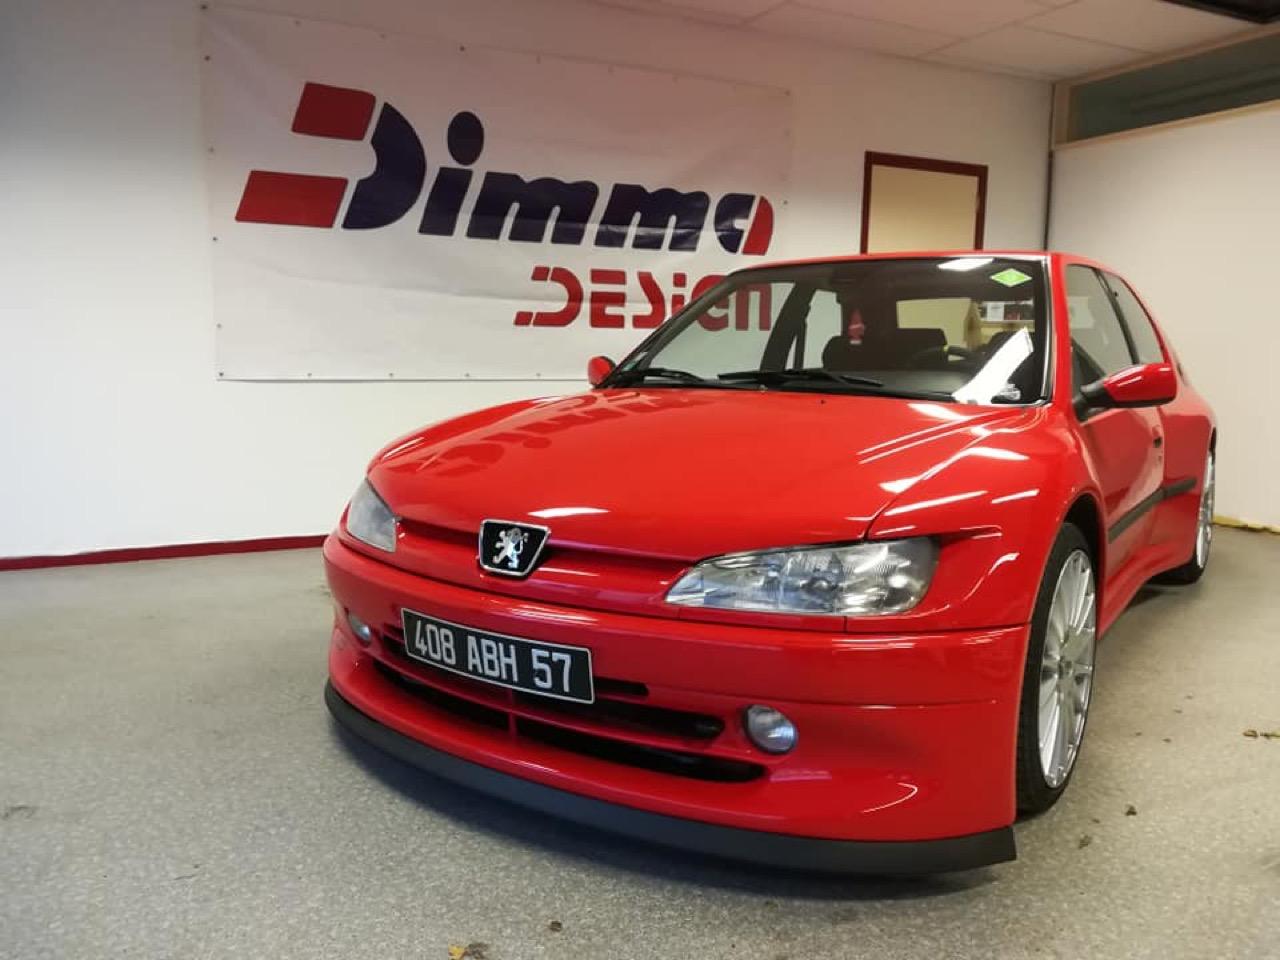 Peugeot 306 S16 - Fausse Le Mans ? Mais vraie Dimma ! 1